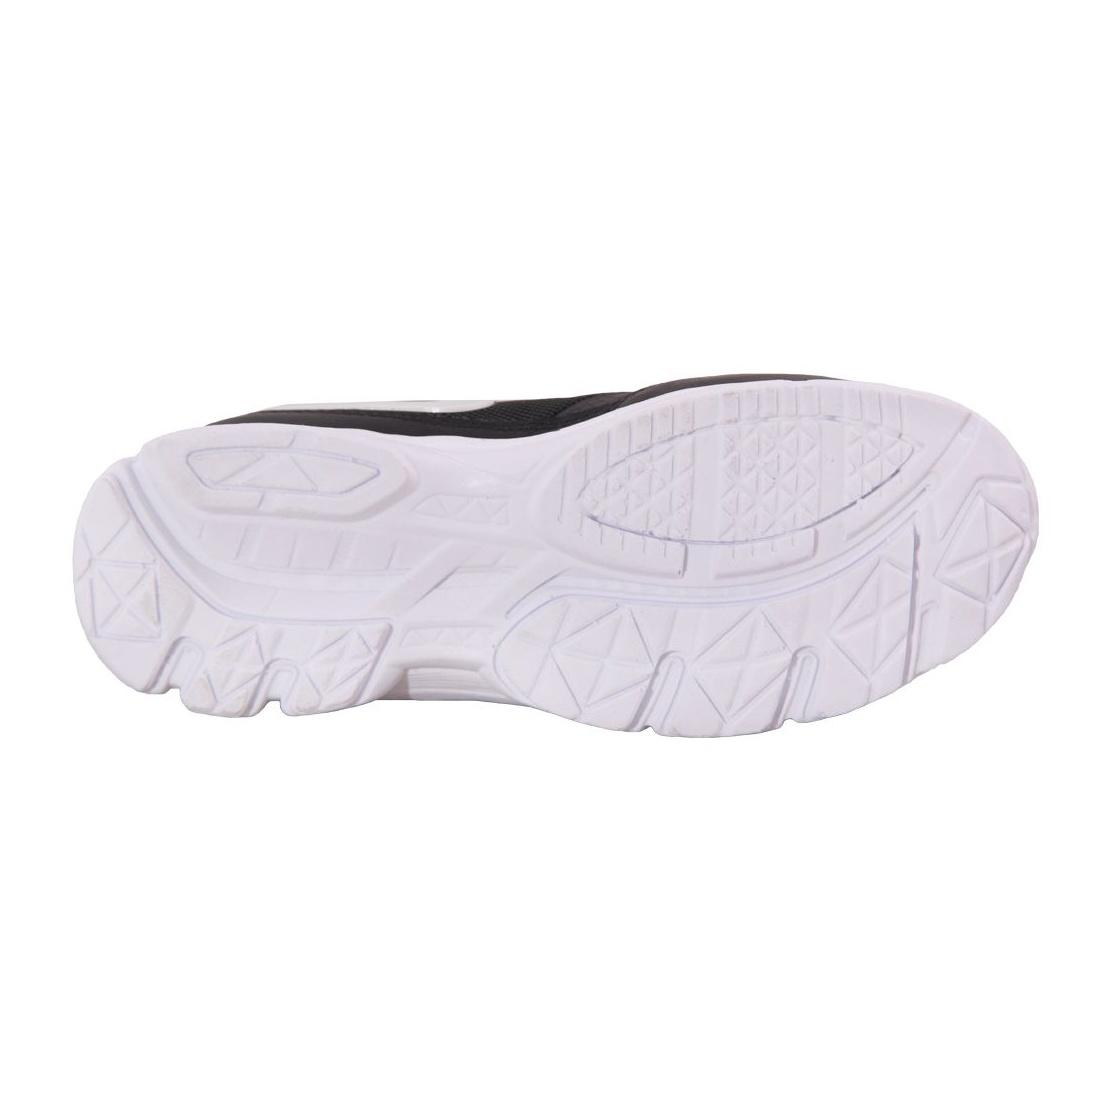 خرید                      کفش  پیاده روی مردانه کد 1-2398620